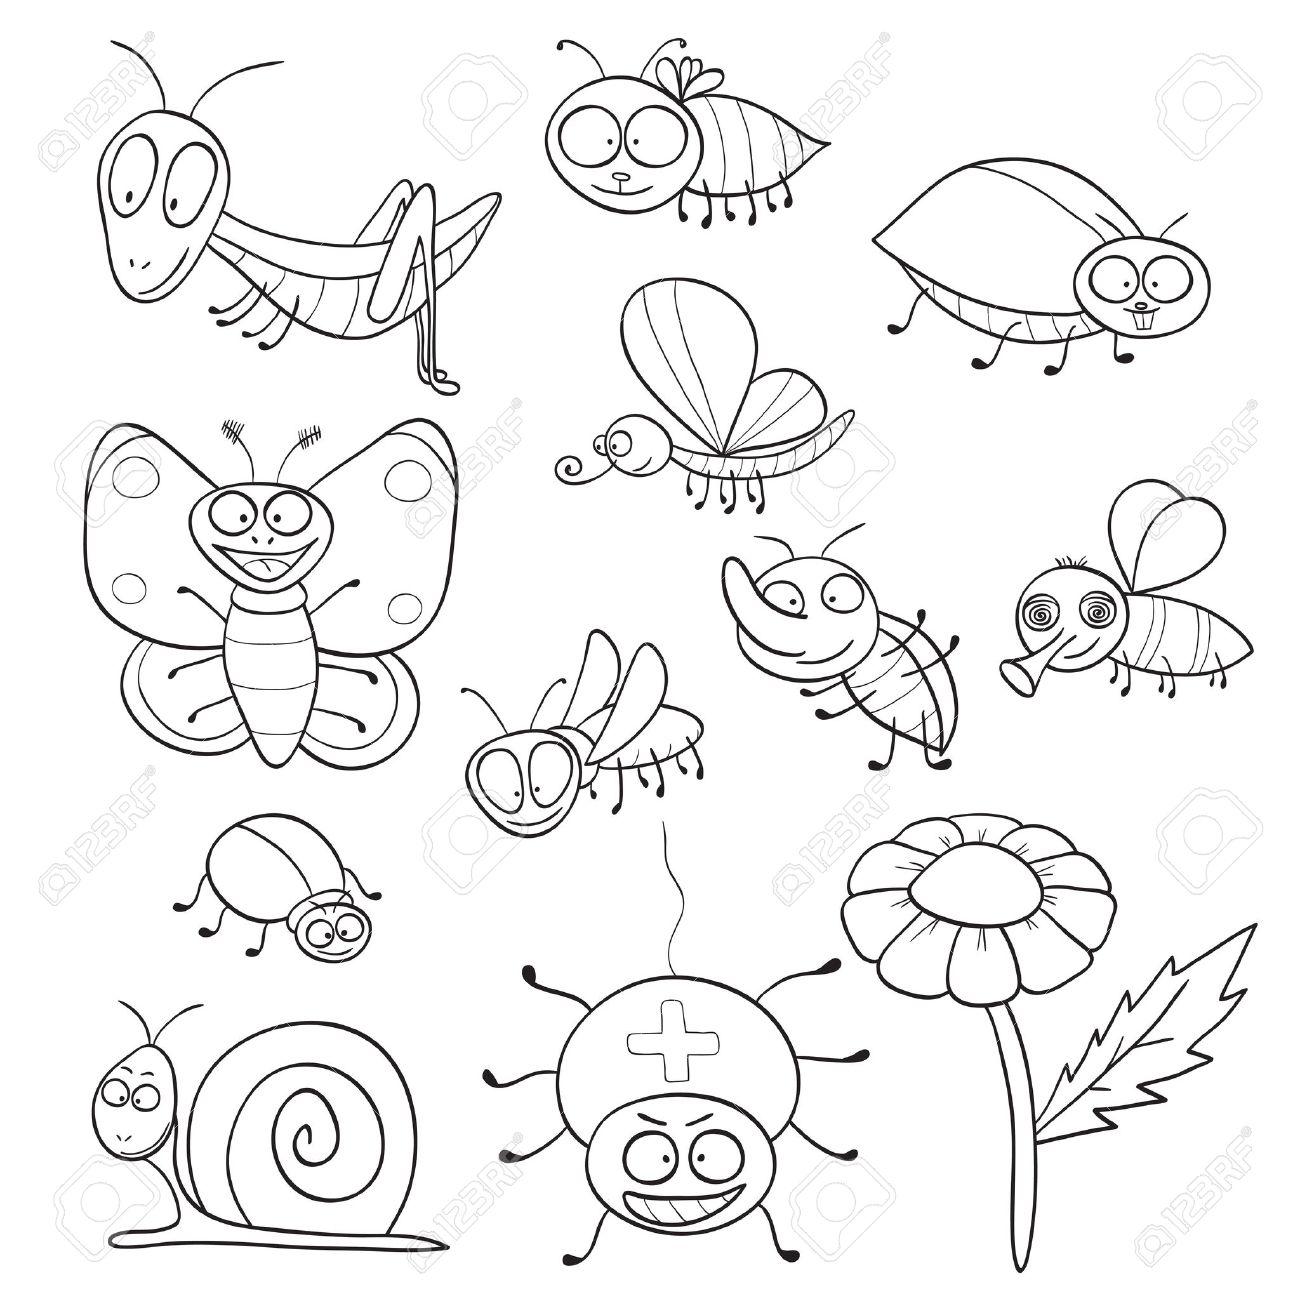 Esbozado Insectos Lindo De La Historieta Para Libro Para Colorear Ilustración Del Vector